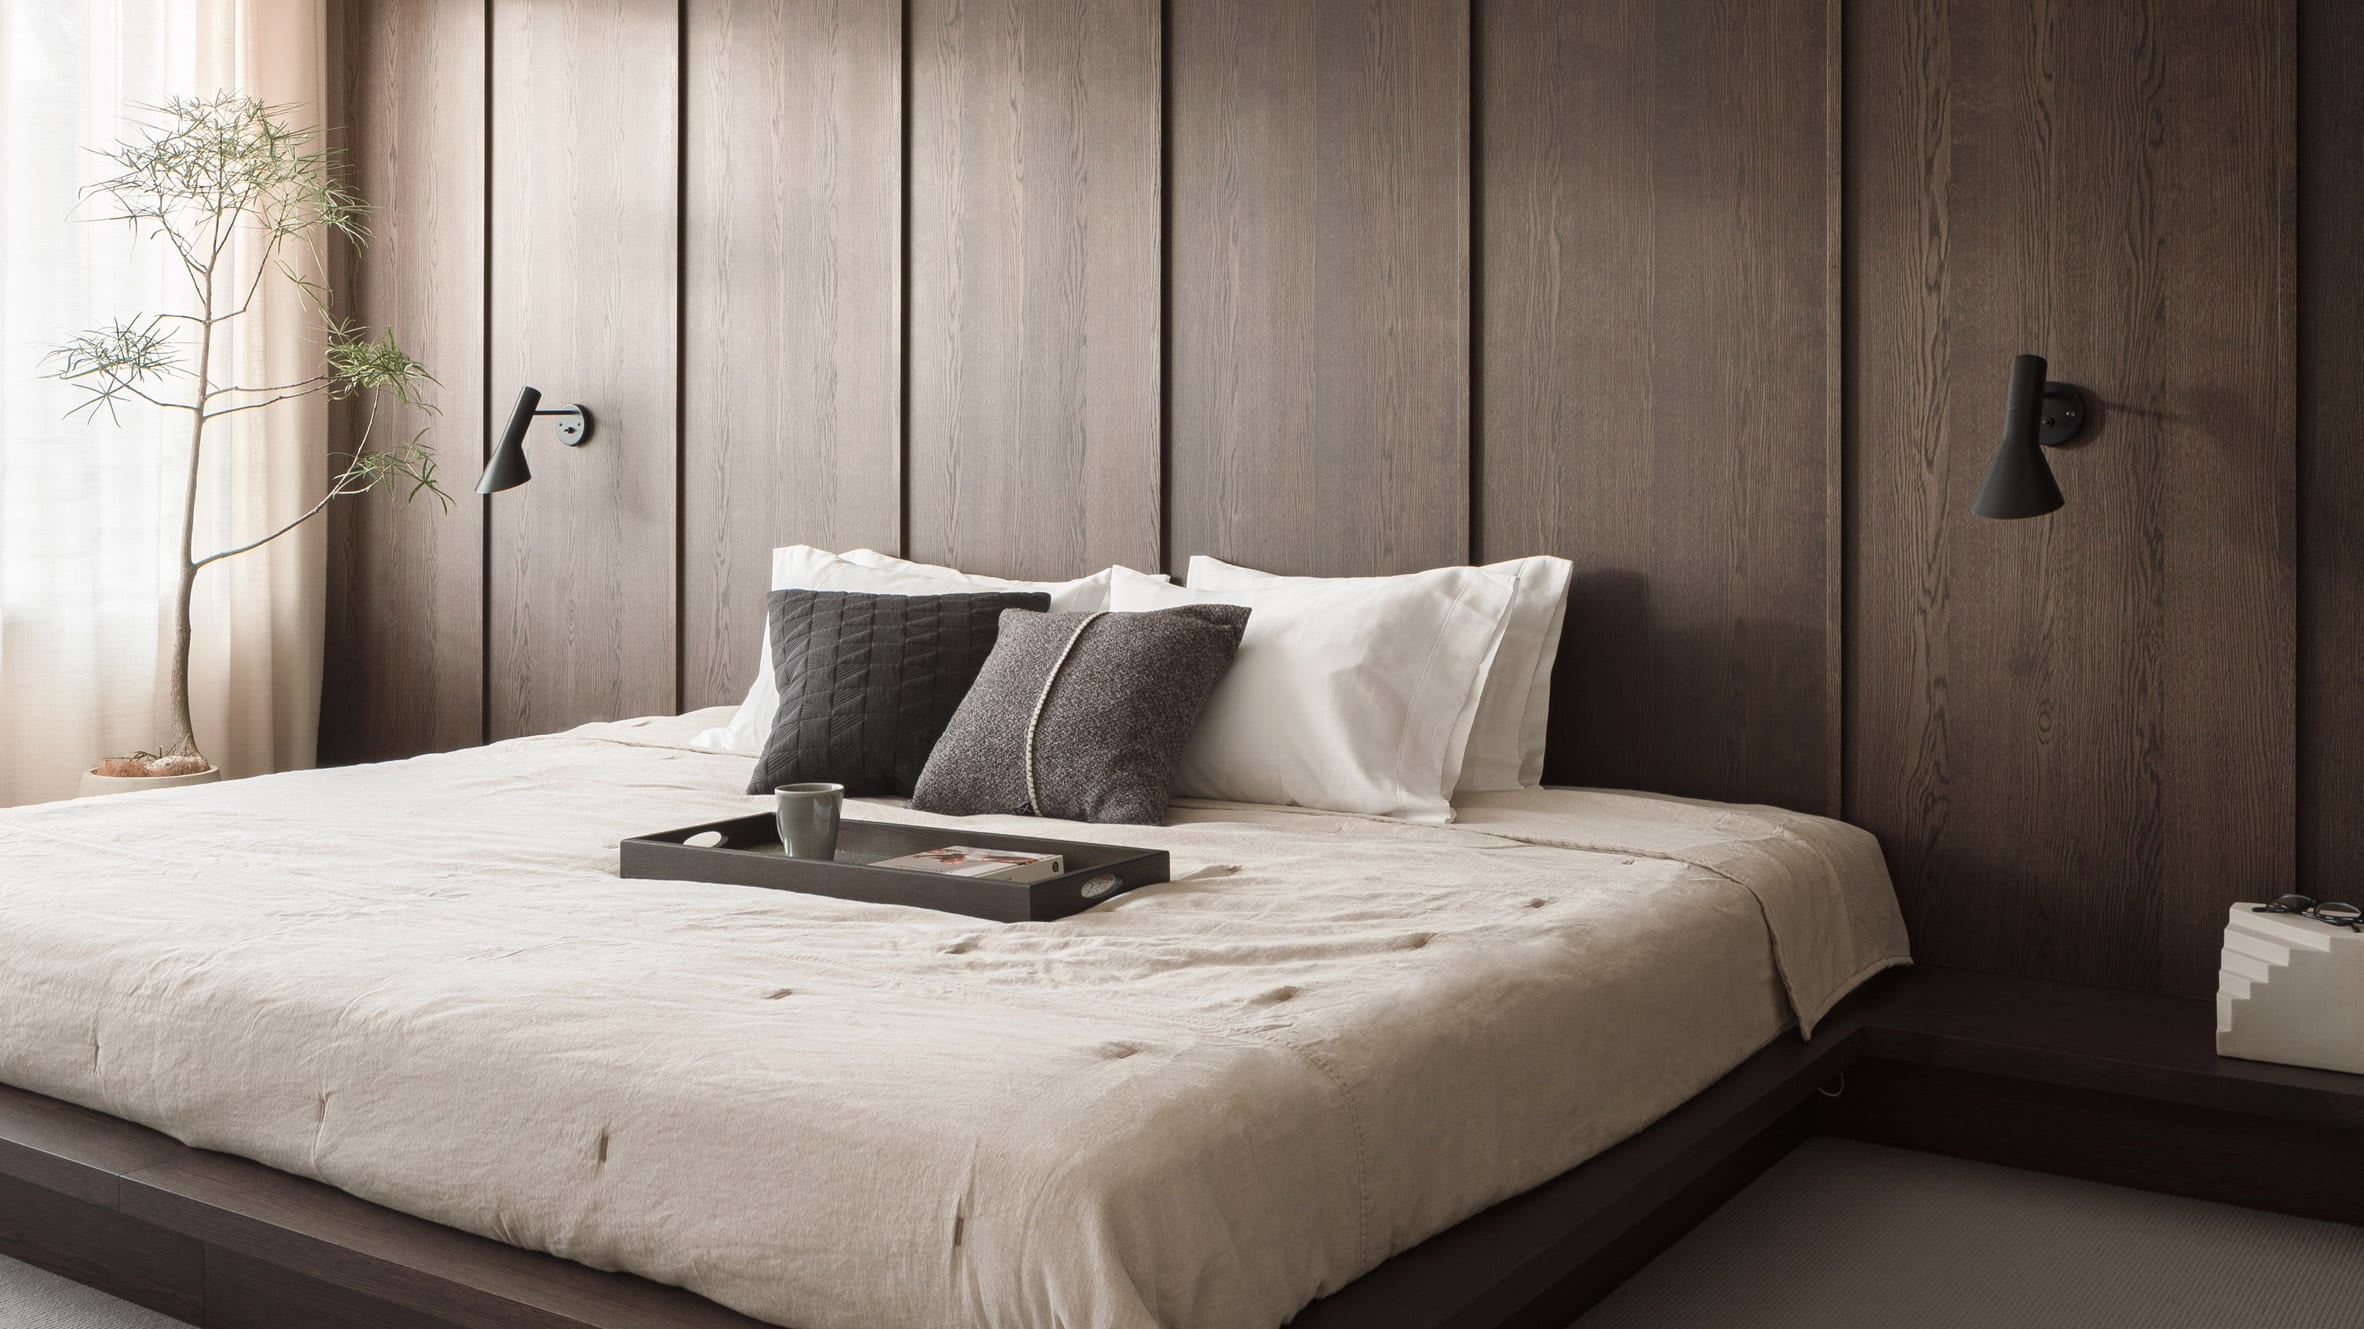 Bedroom of Azabu Residence in Tokyo